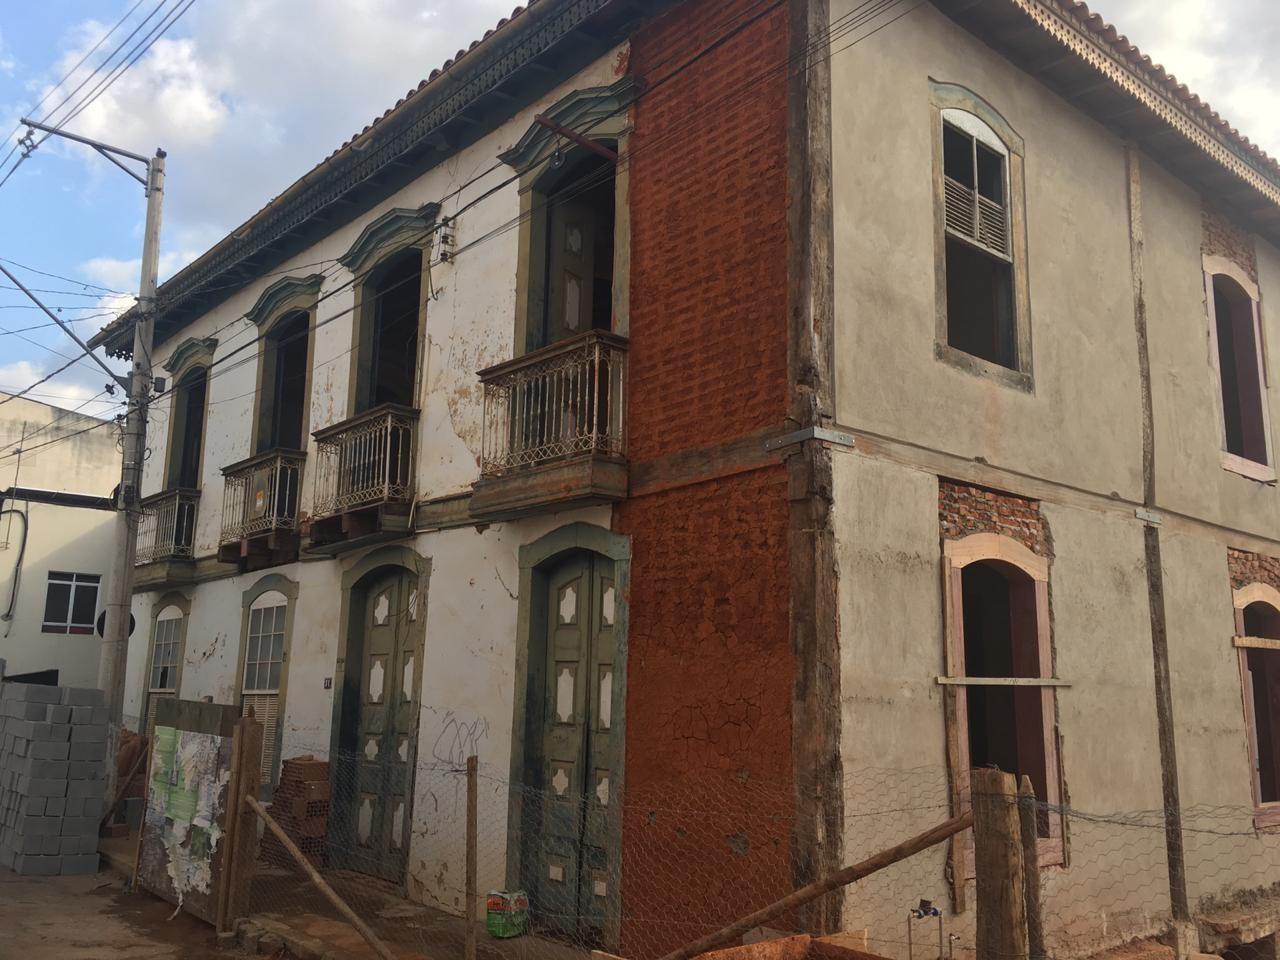 Casarão onde morou padre que incentivou Dom Pedro a declarar a independência é reformado em Pitangui - Notícias - Plantão Diário